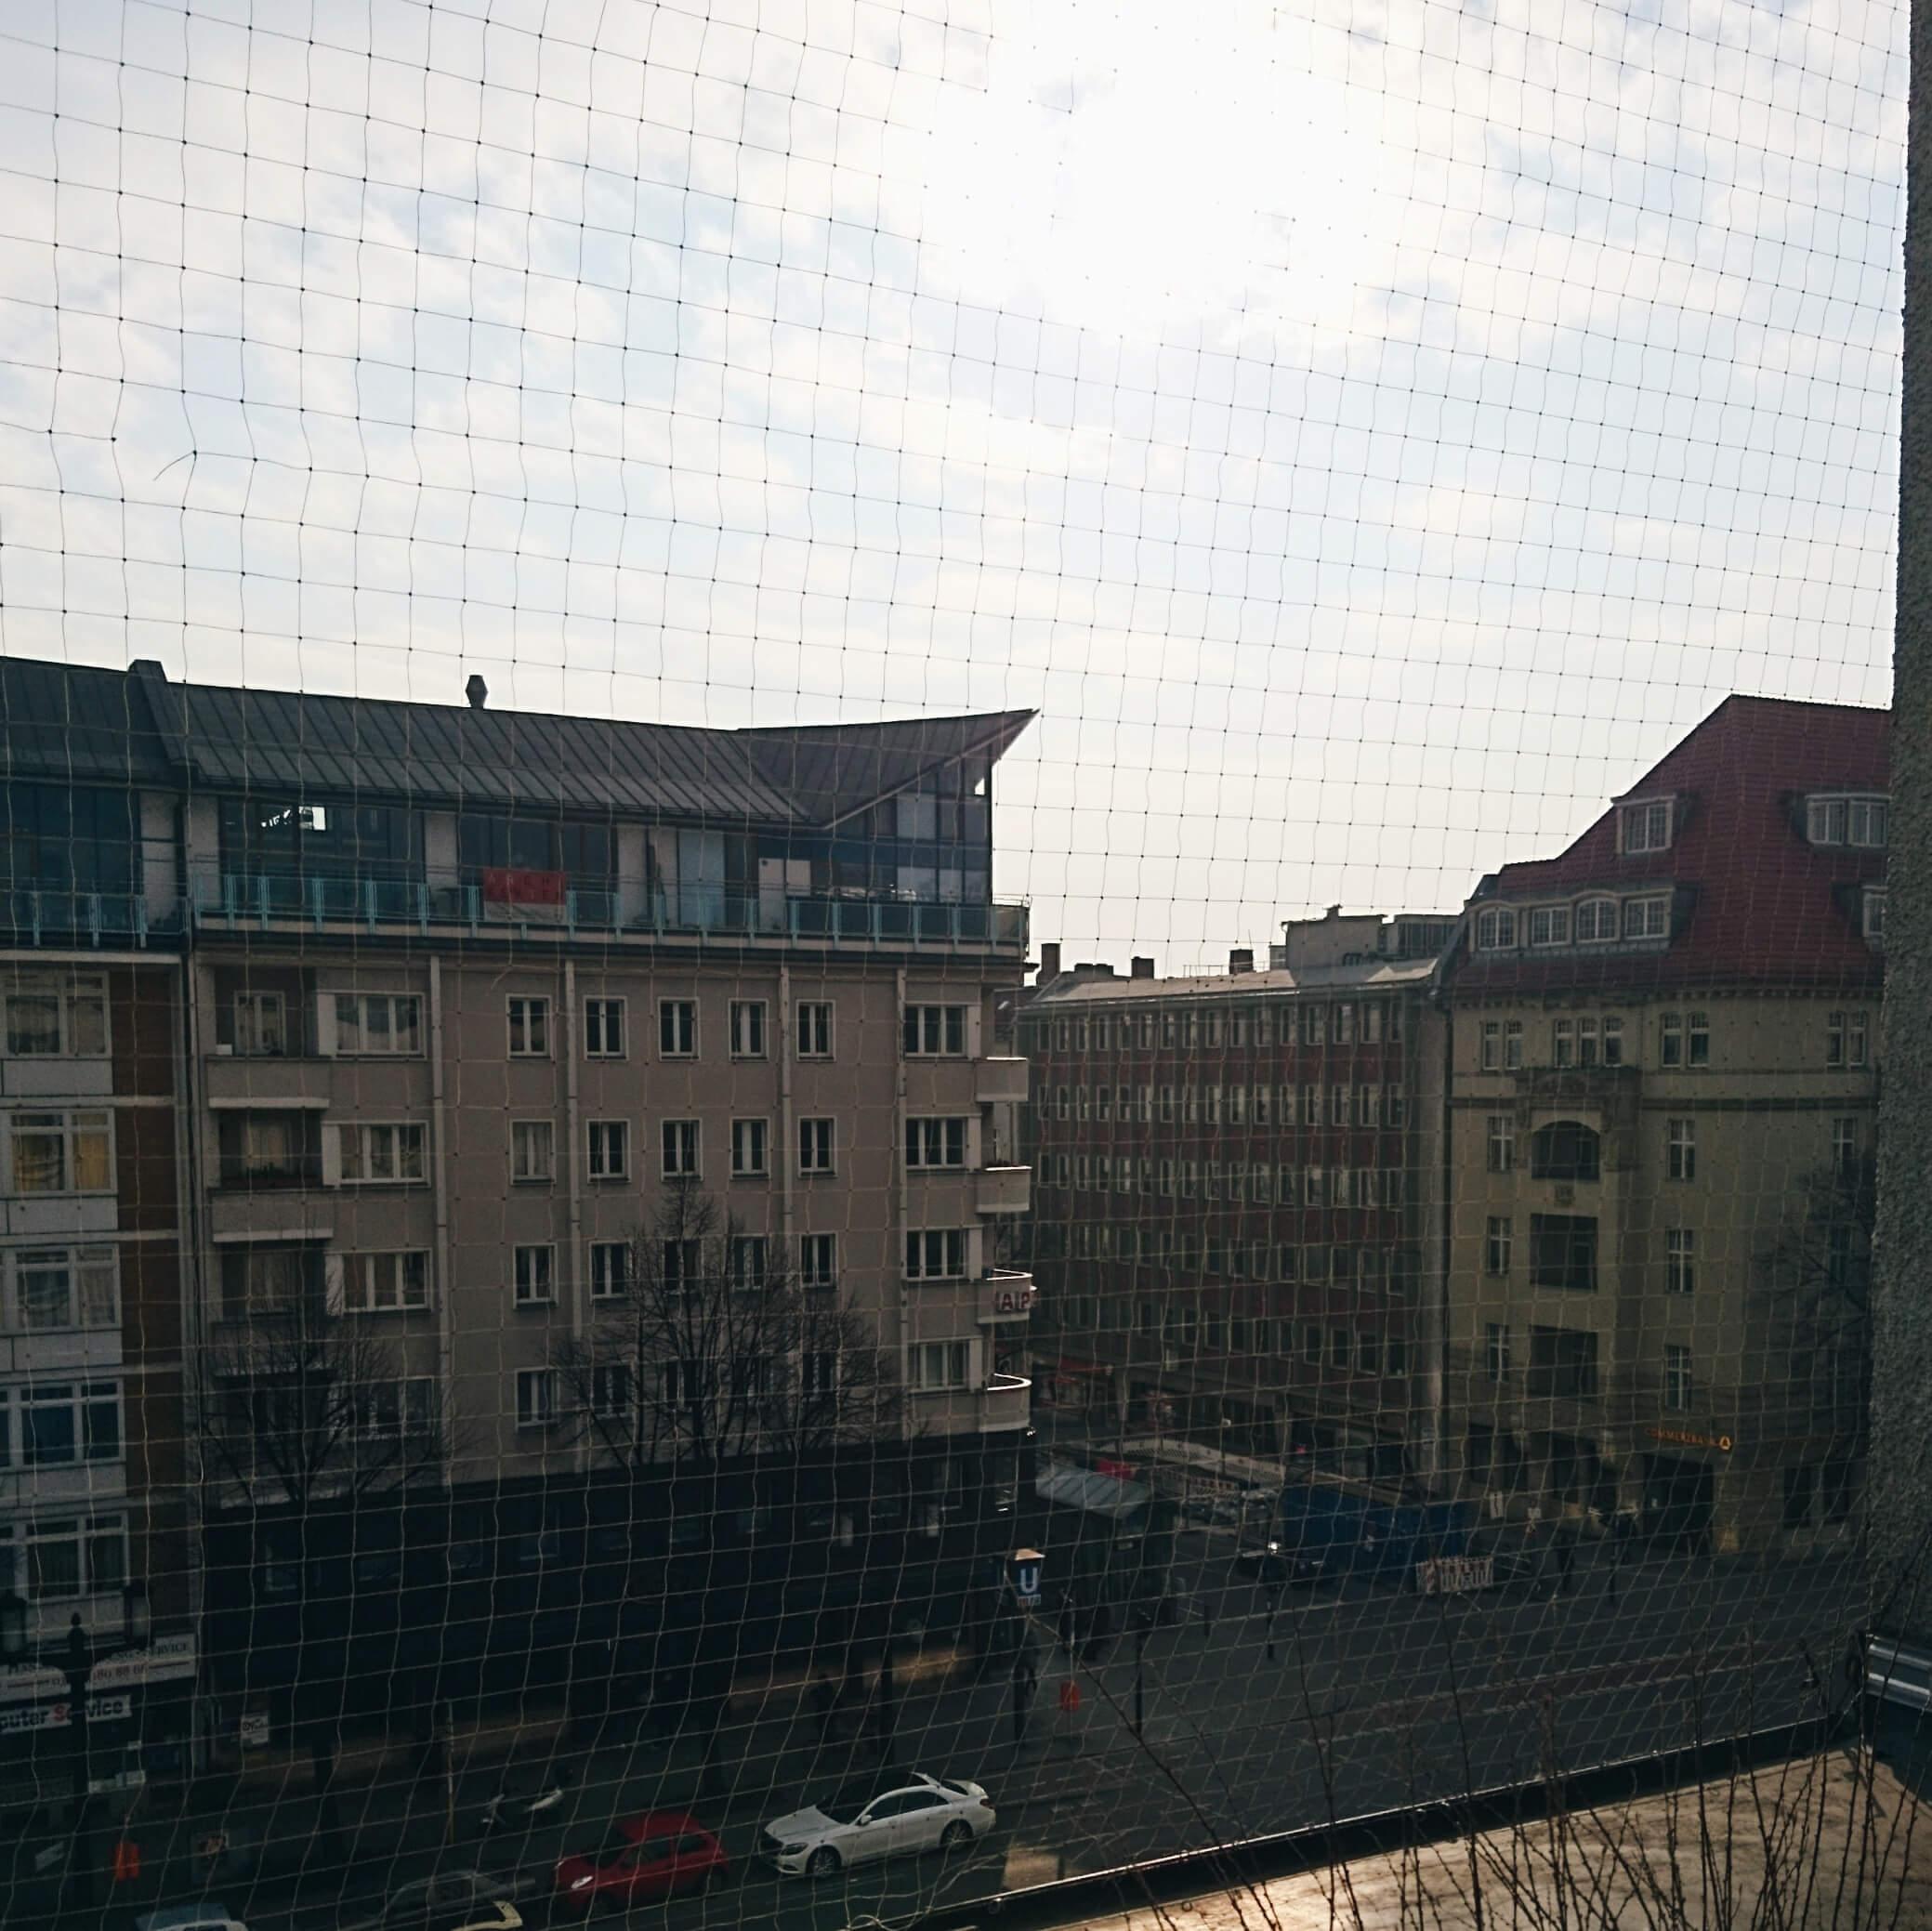 Blick aus dem Fenster bei Sonnenschein